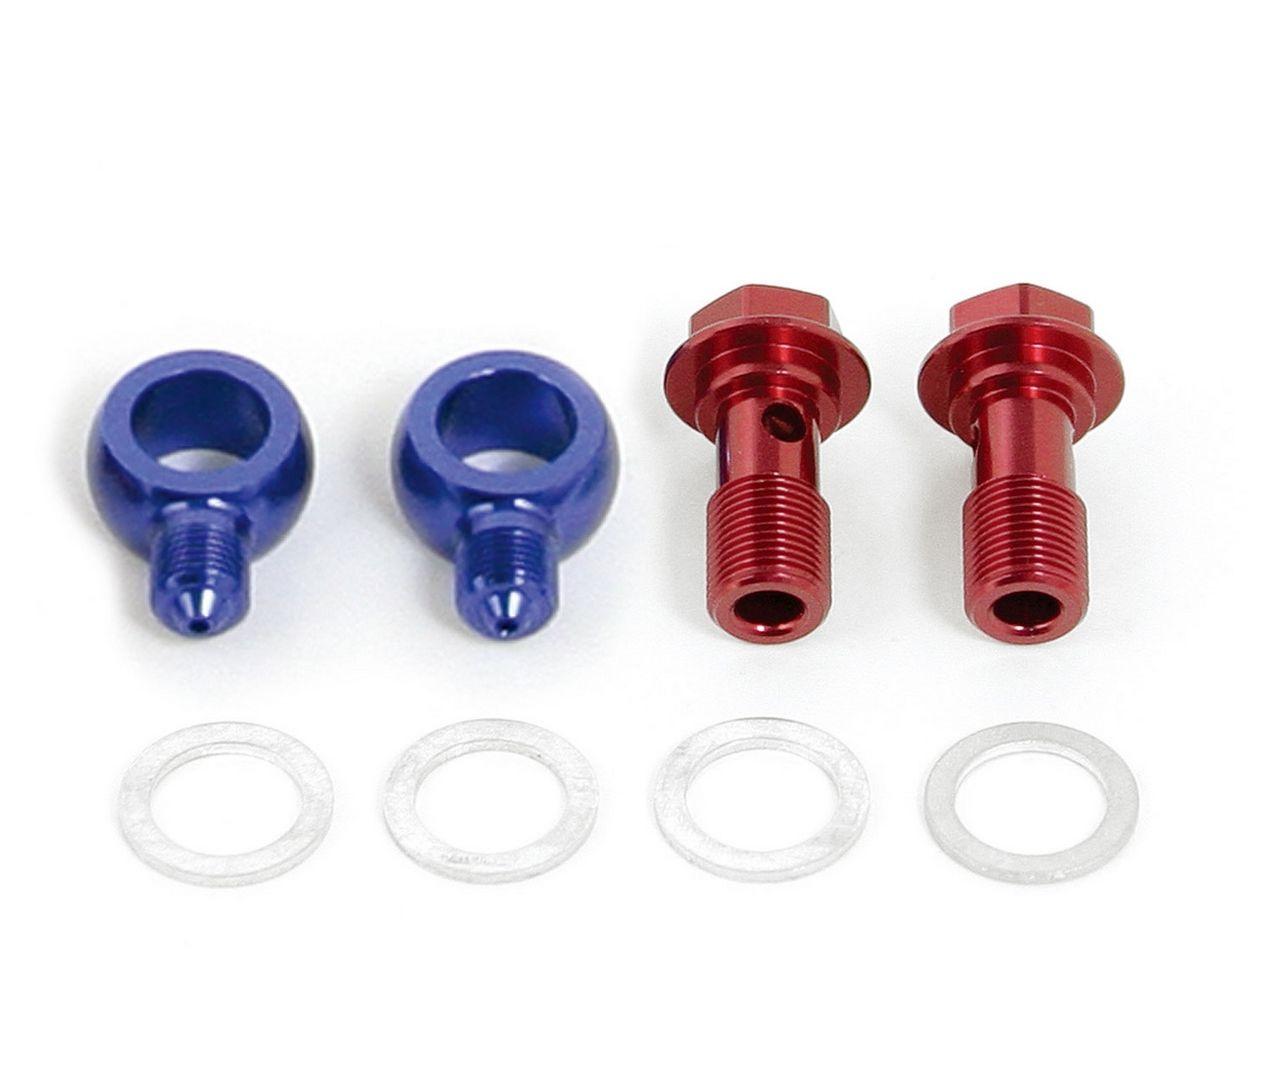 油管接頭組(細管/機油冷卻器用)